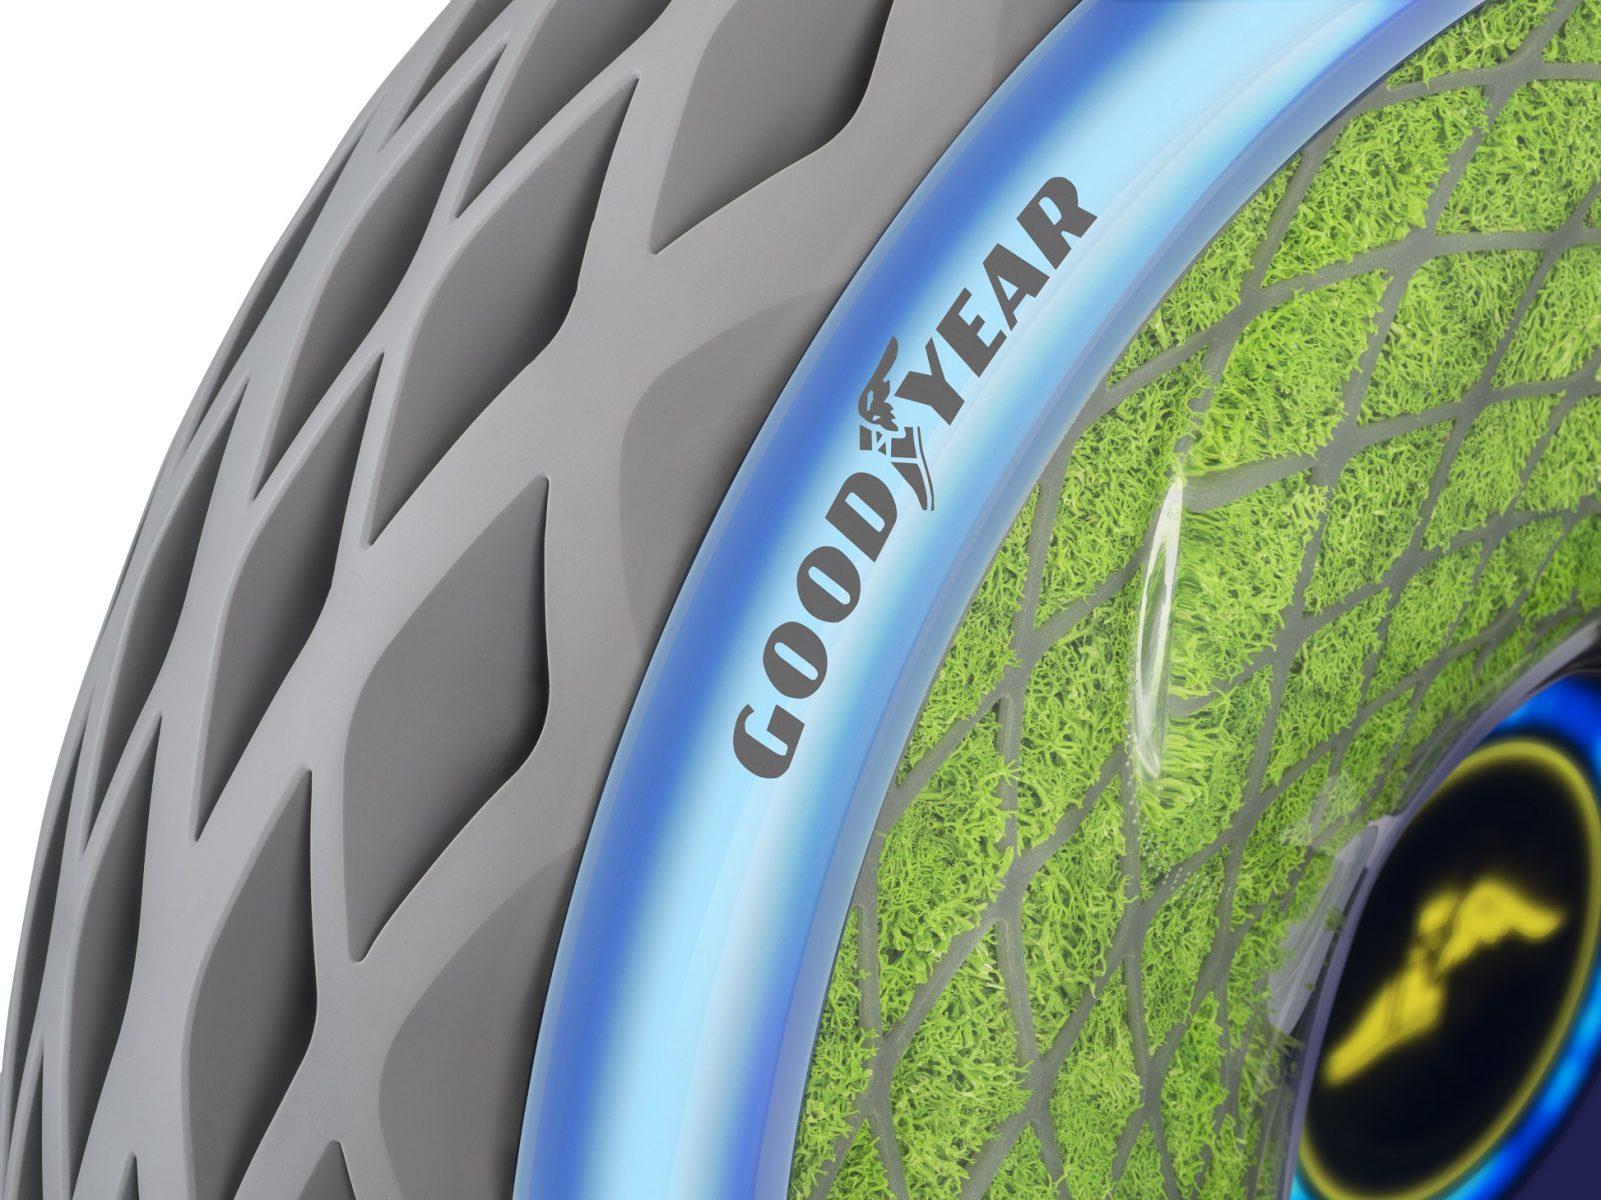 A Goodyear apresentou, no Salão de Genebra, o conceito de um pneu com mofo que absorve poluentes da atmosfera e produz oxigênio.